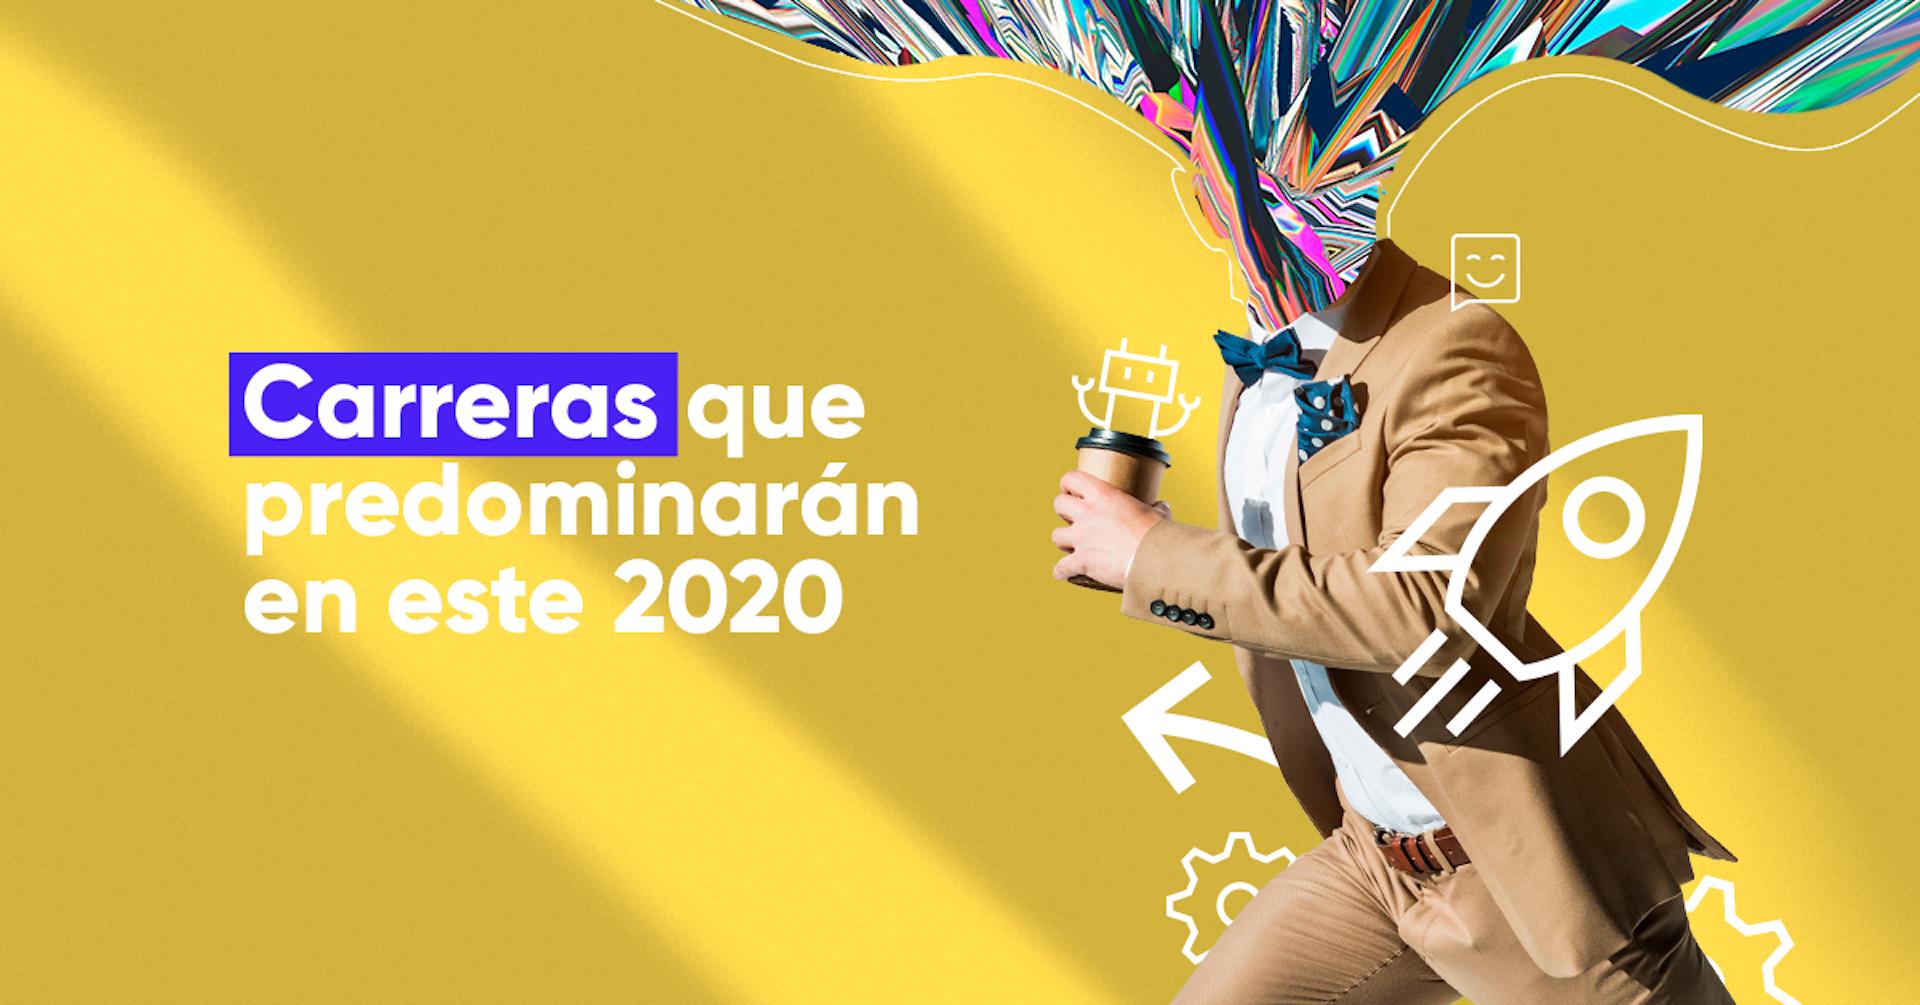 Carreras del futuro: cuáles predominarán en este 2020